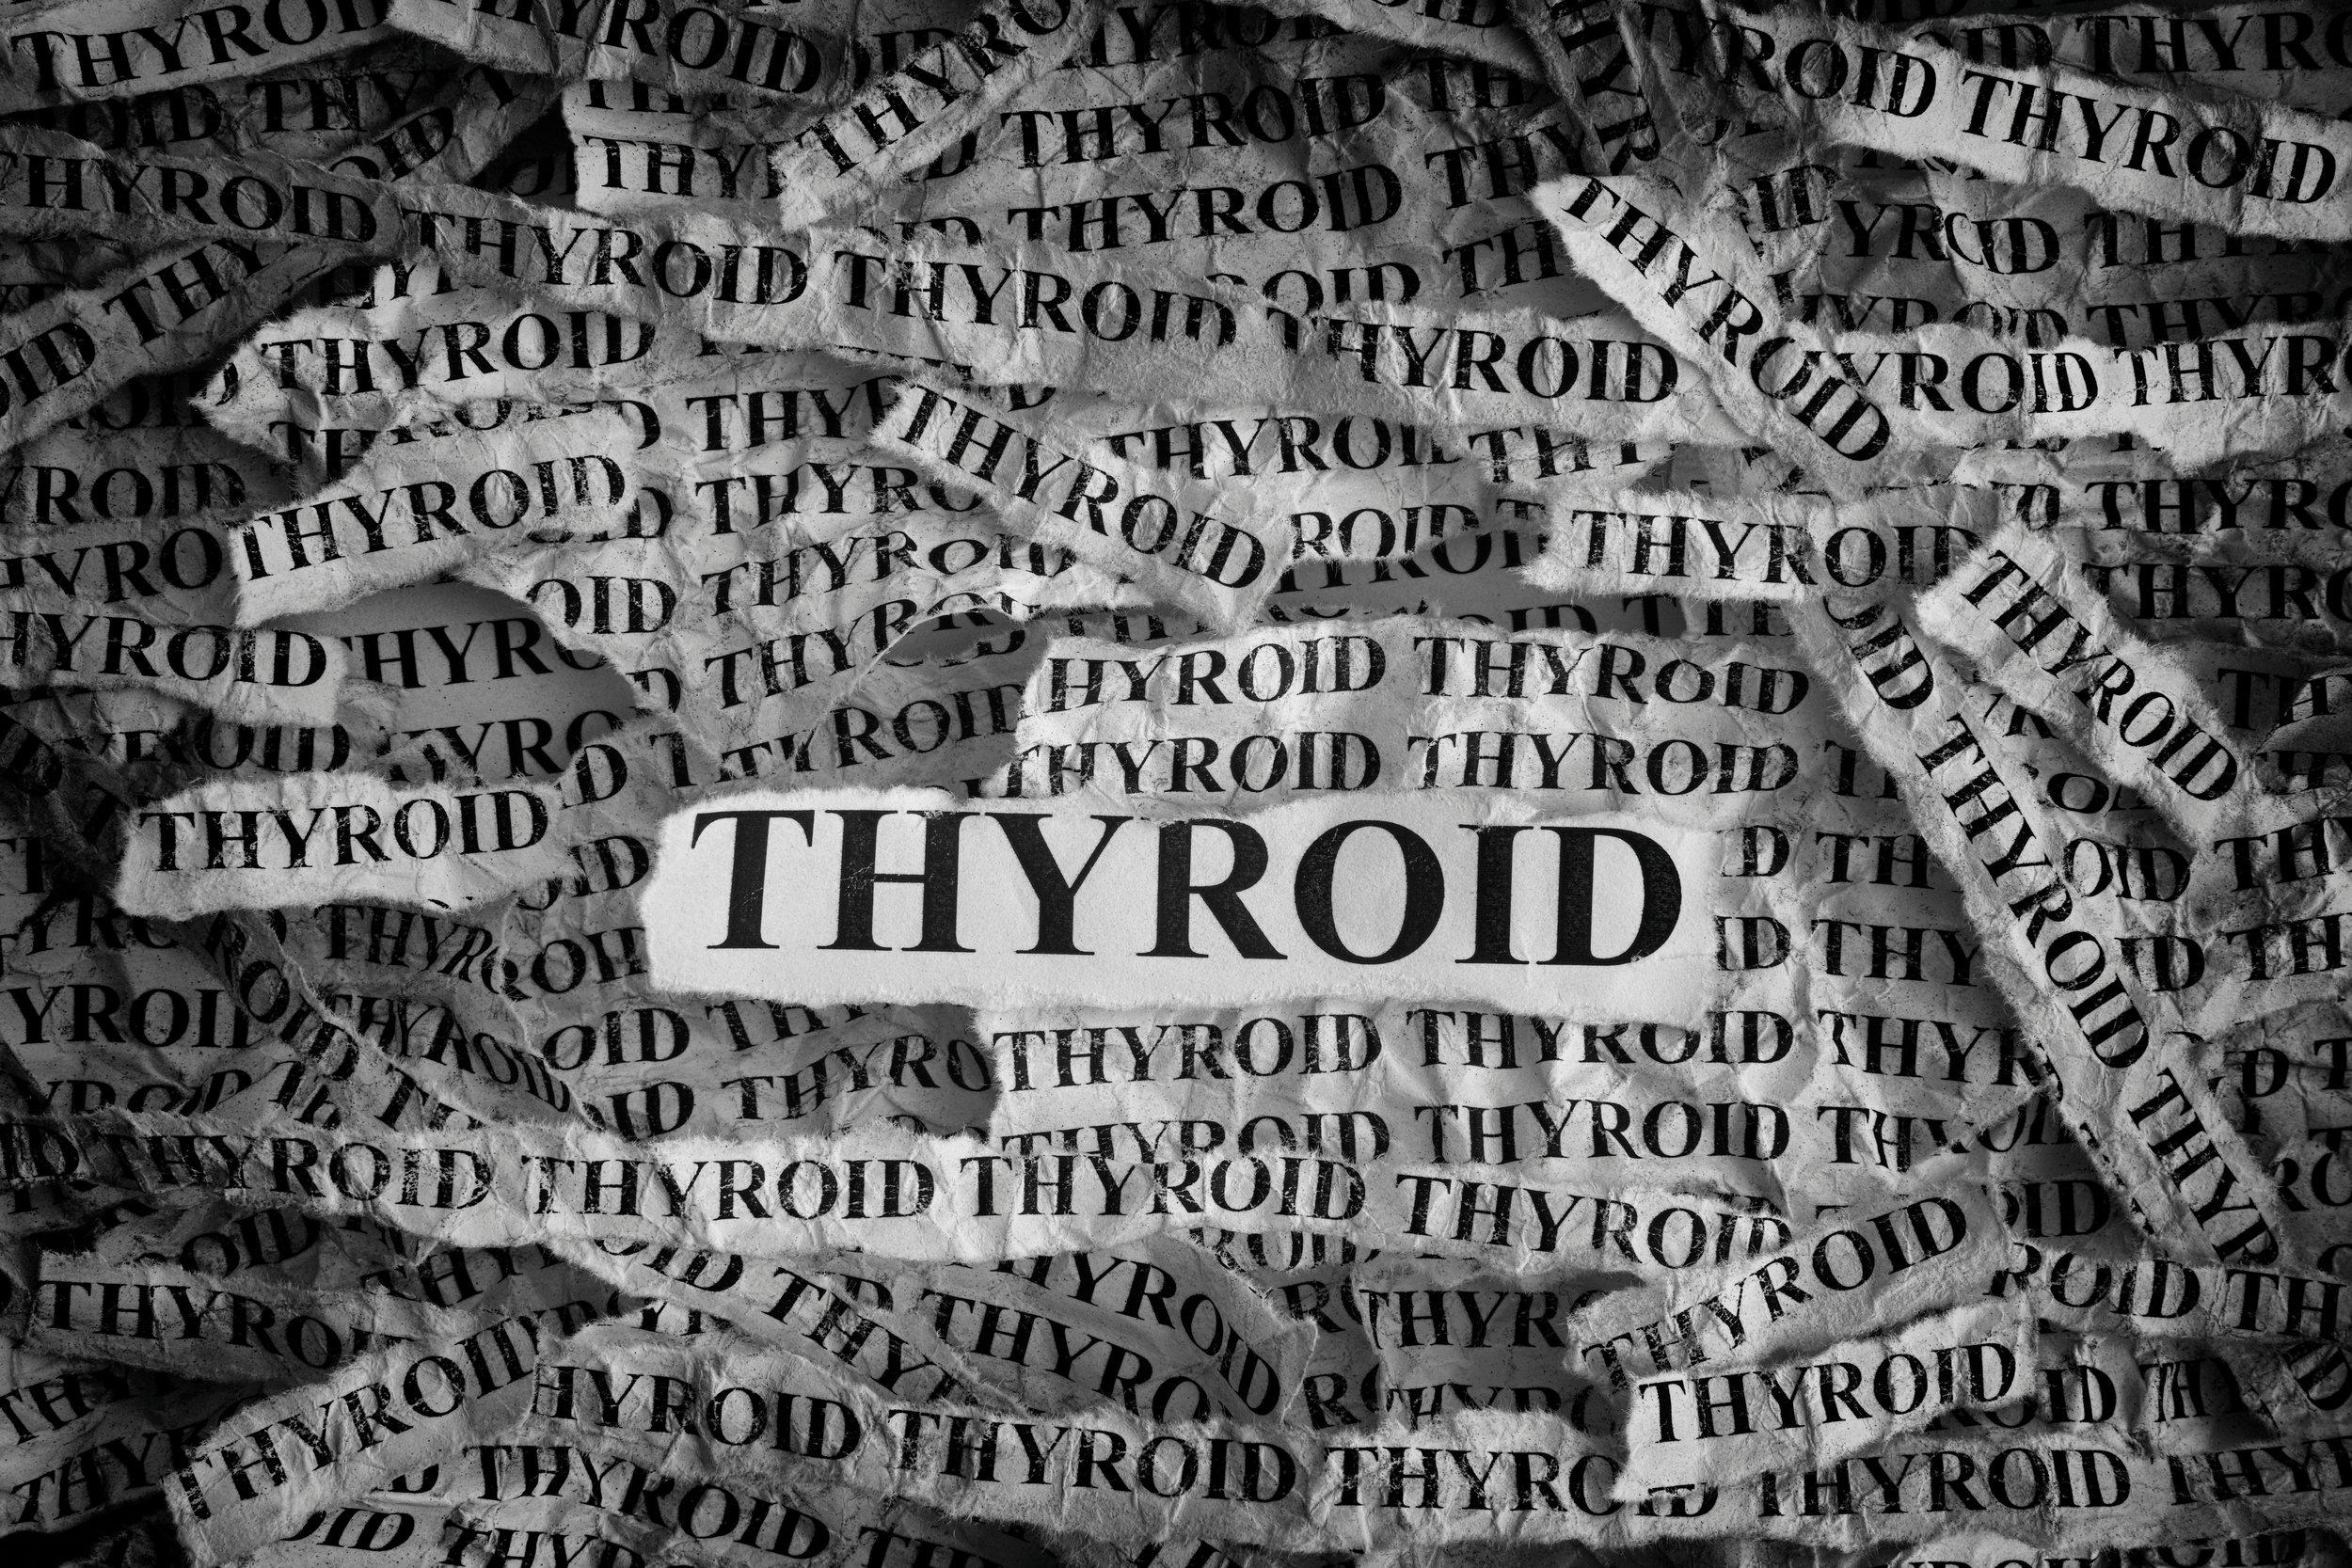 Canva - Thyroid.jpg